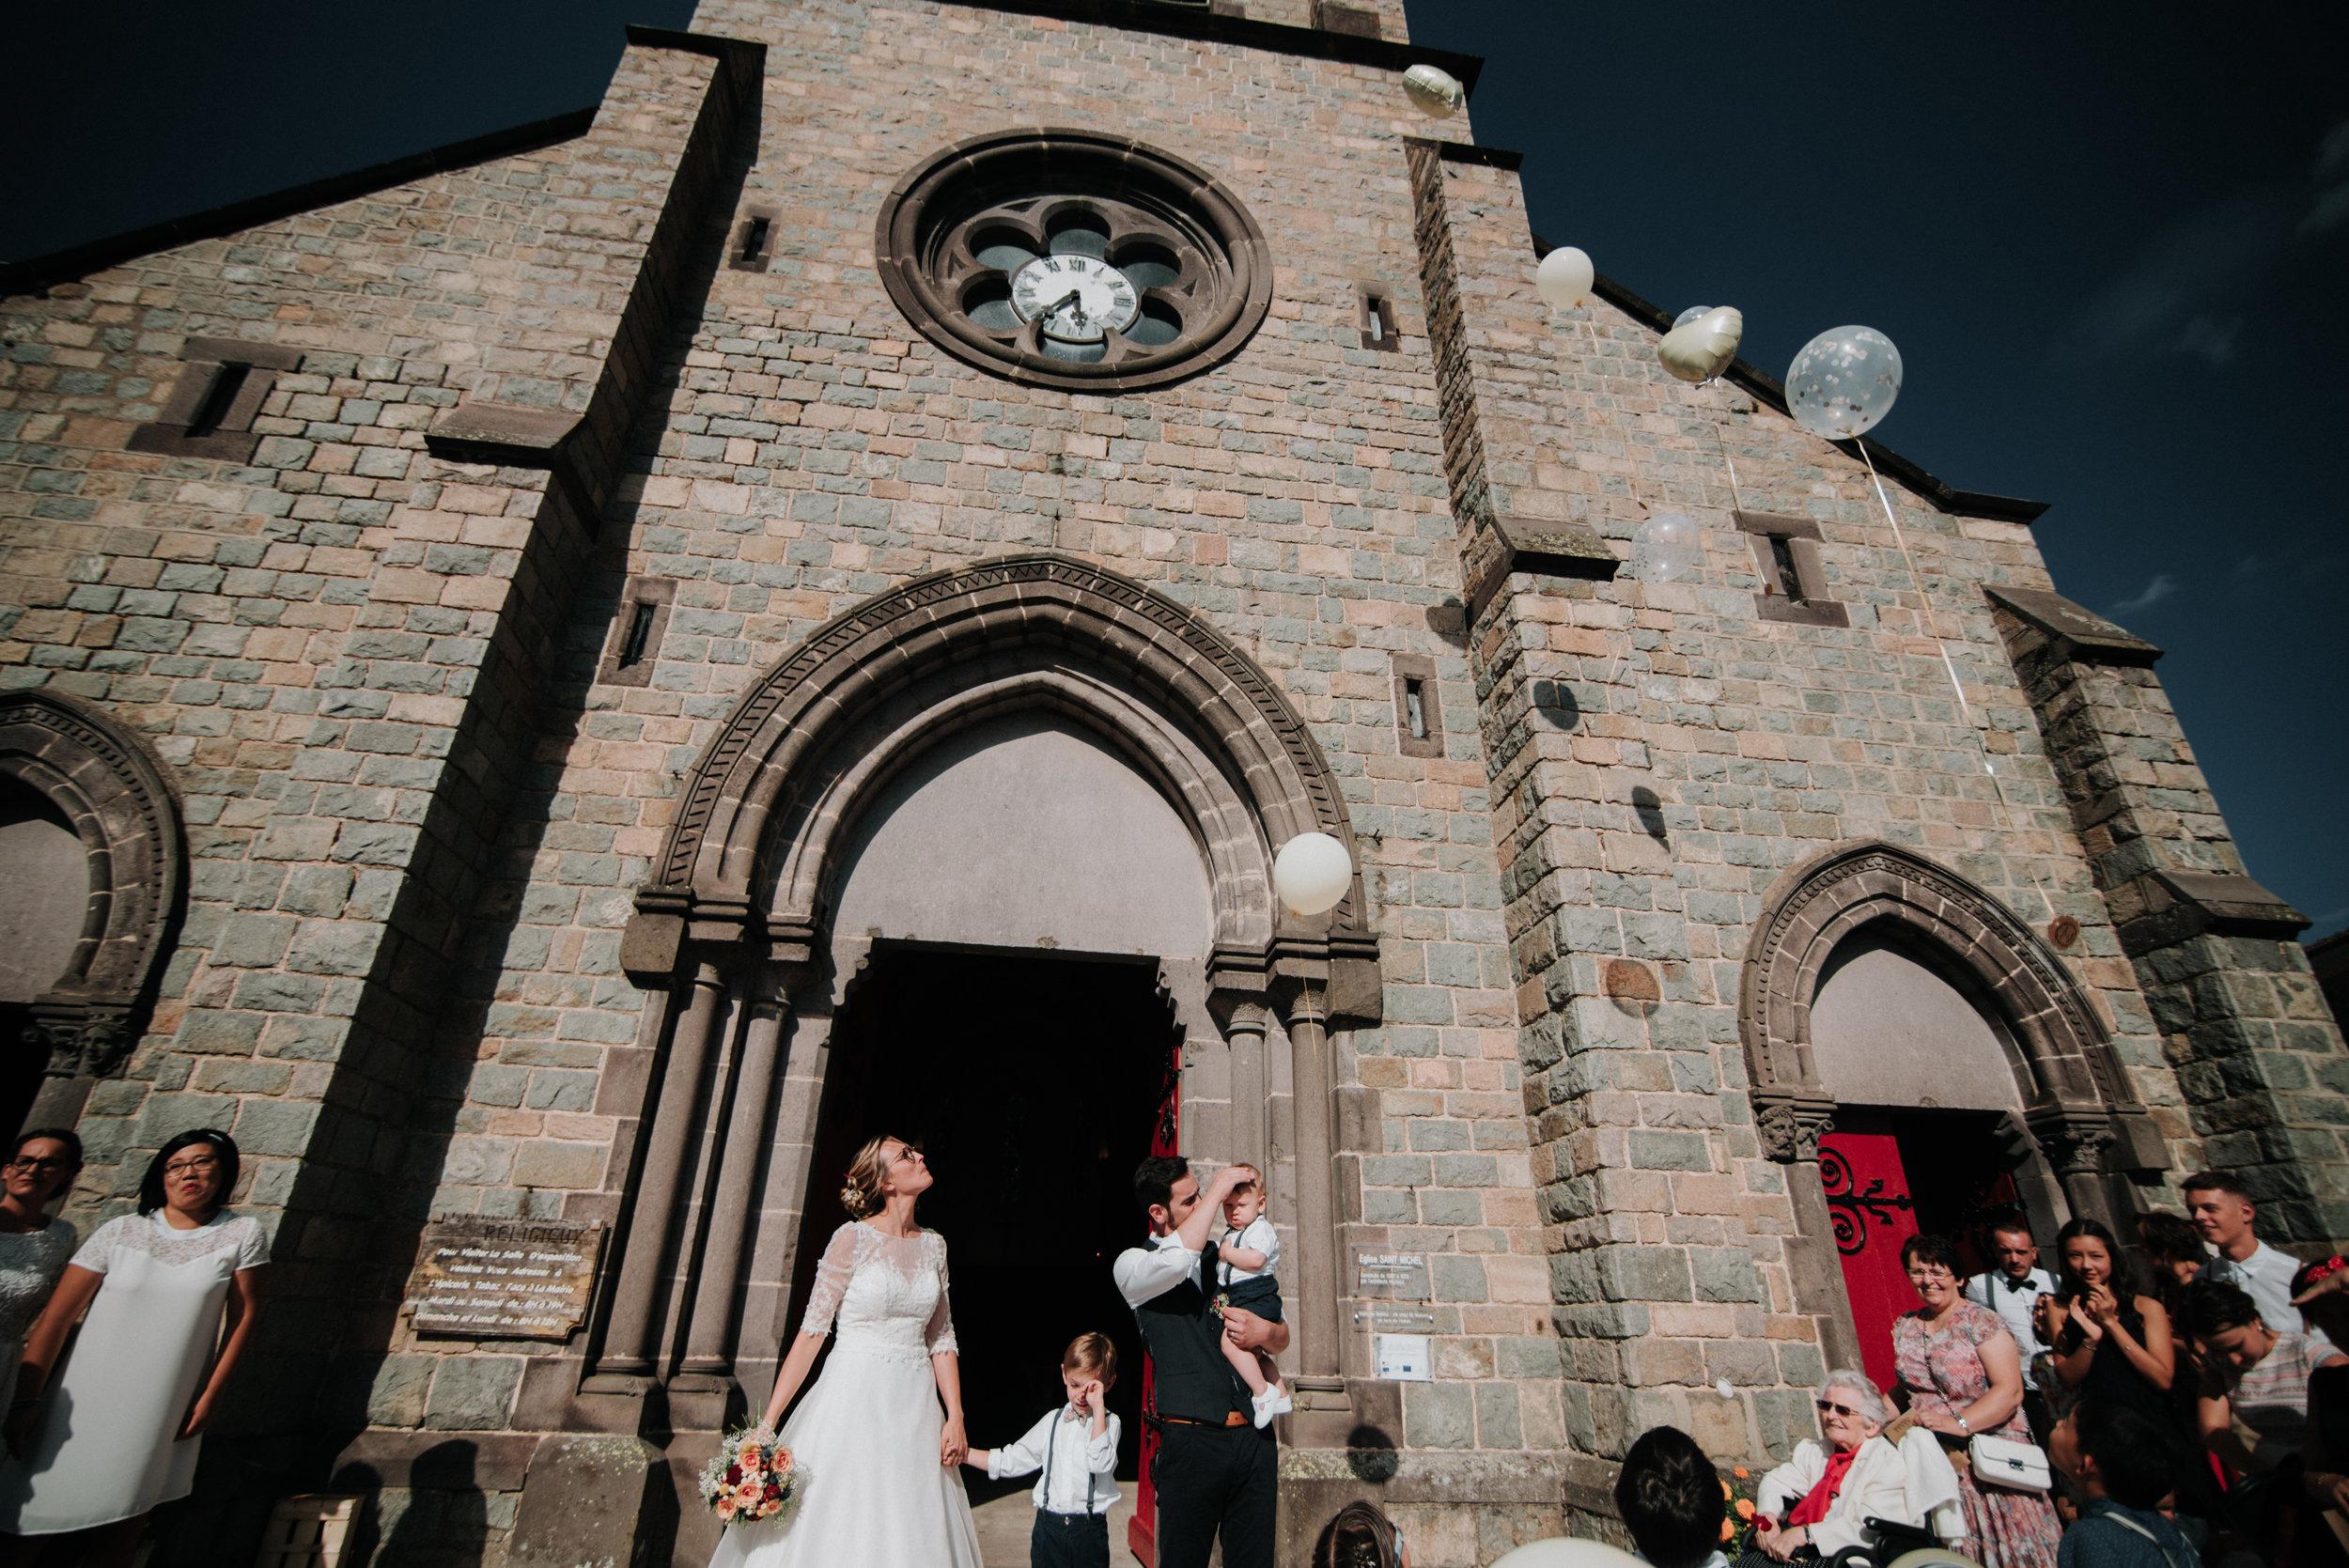 Léa-Fery-photographe-professionnel-lyon-rhone-alpes-portrait-creation-mariage-evenement-evenementiel-famille-2795.jpg